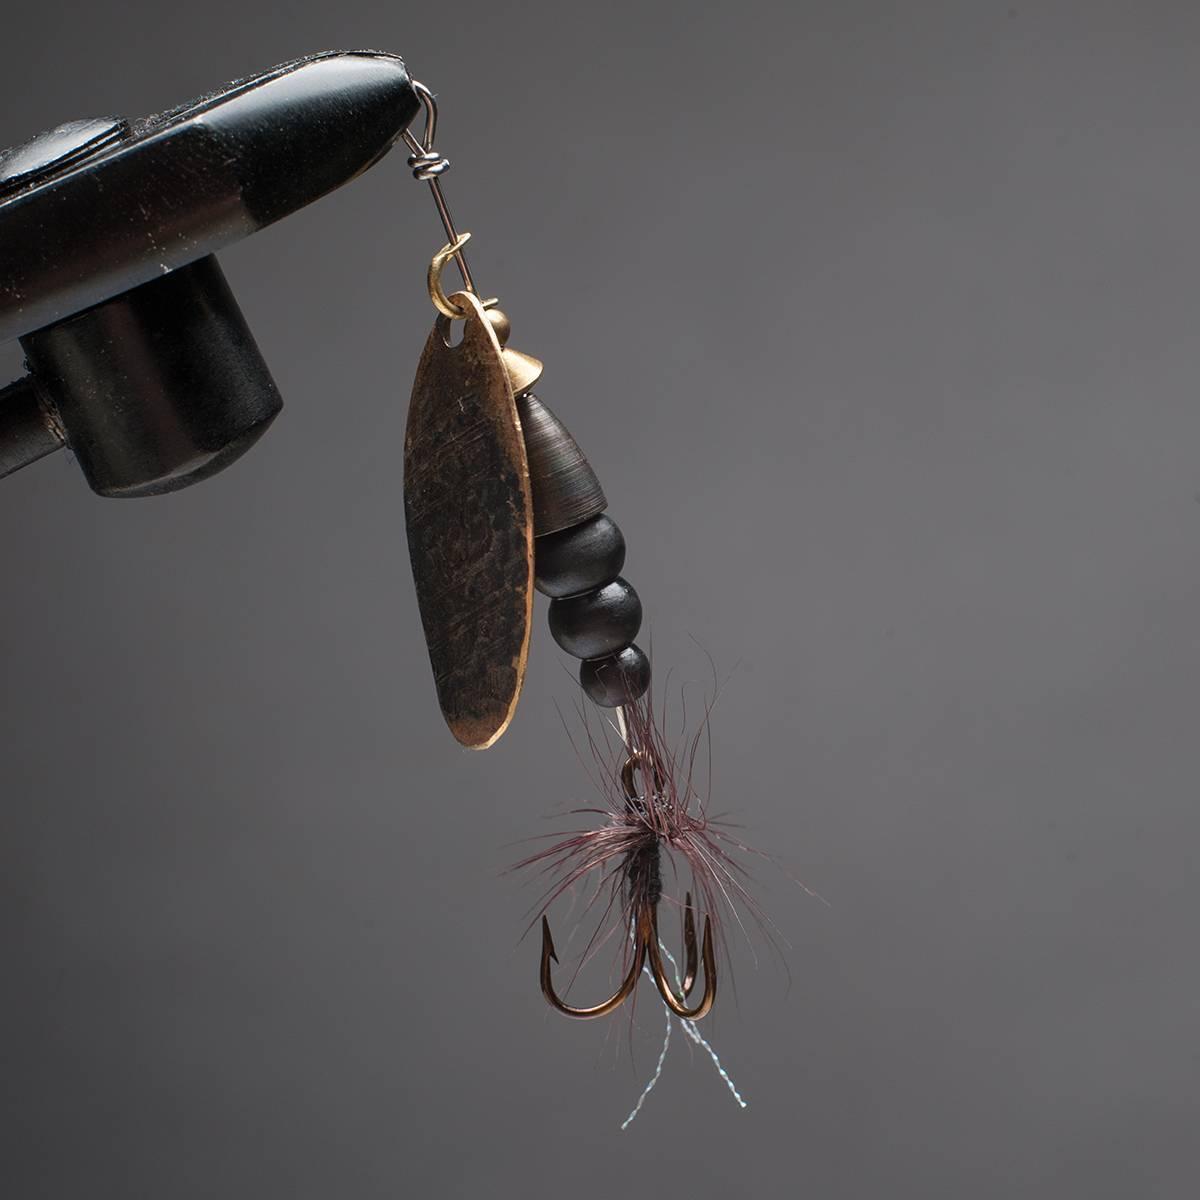 Ловля тайменя: лучшие блесны для рыбалки и воблеры, ловля осенью на спиннинг в сибири и другие варианты. как поймать на «мыша»? выбор приманок и снастей